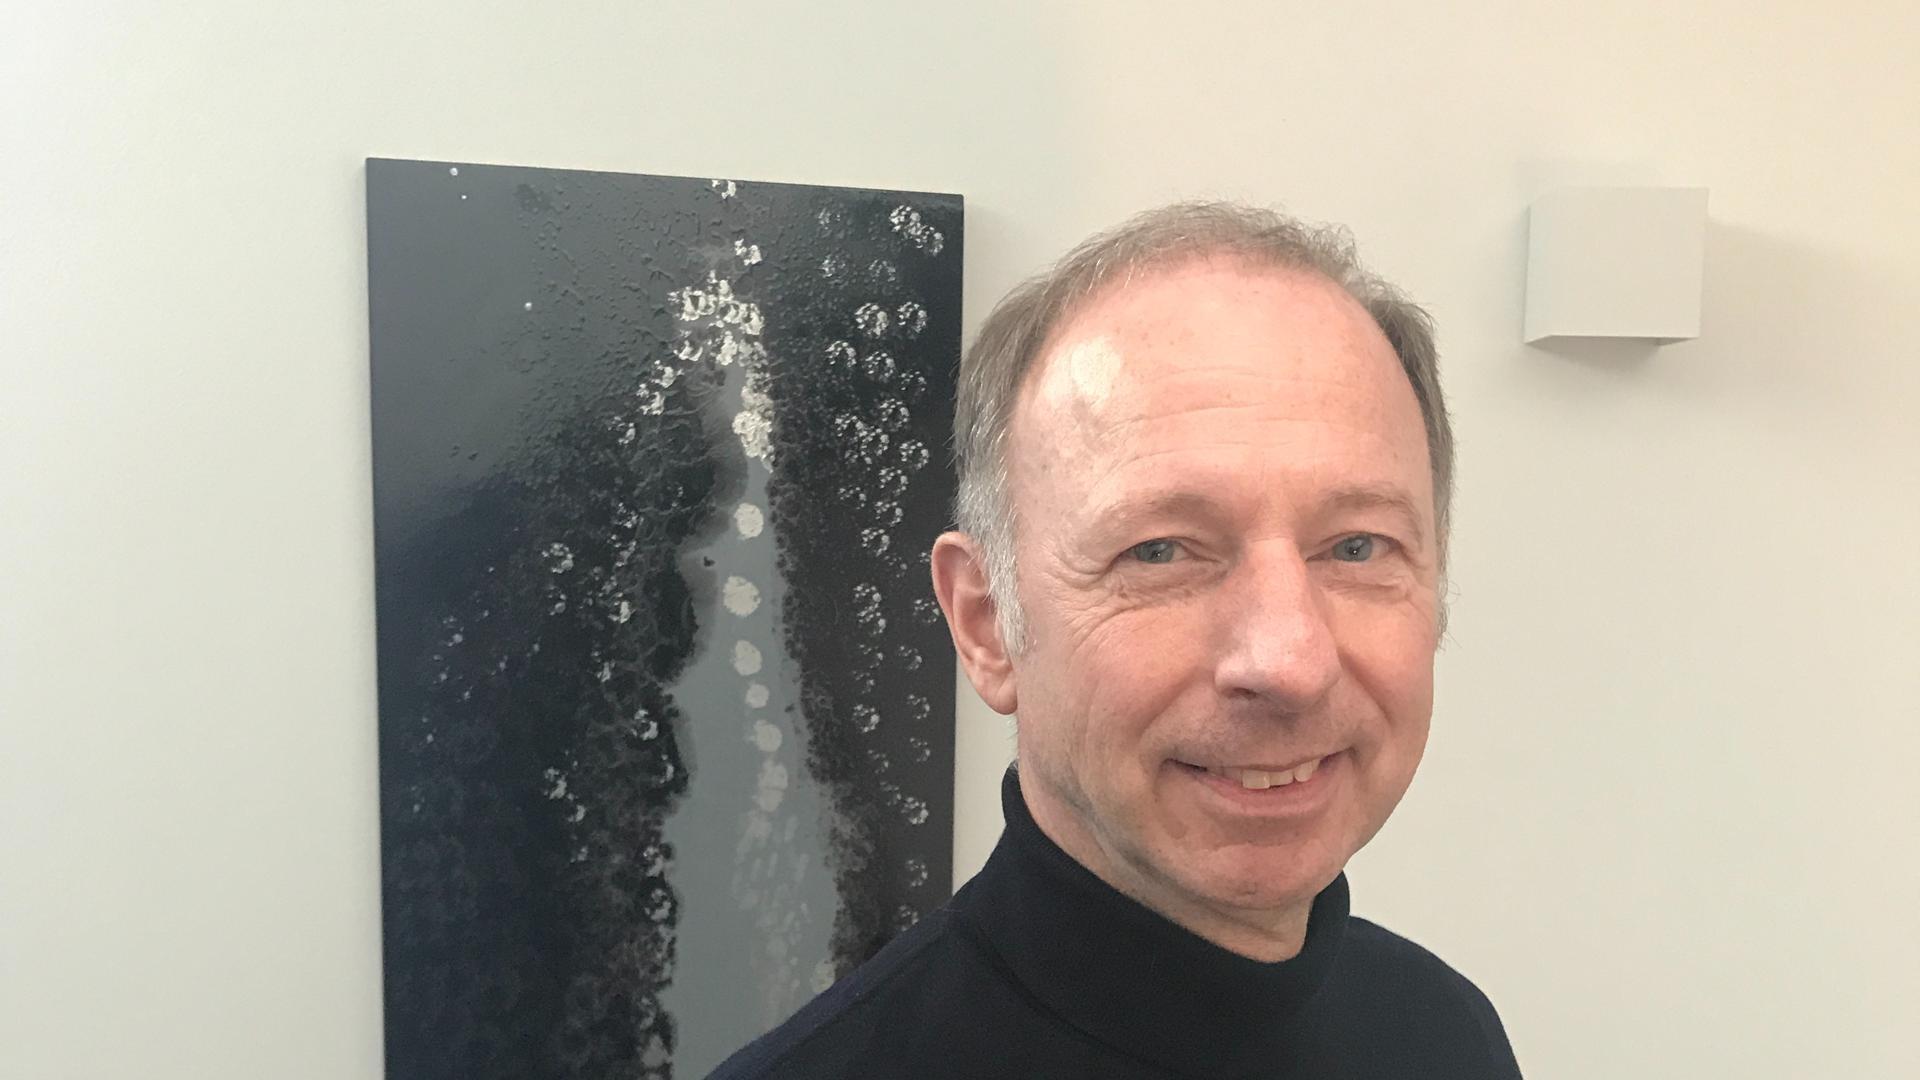 Mann vor schwarz-weißem Gemälde.